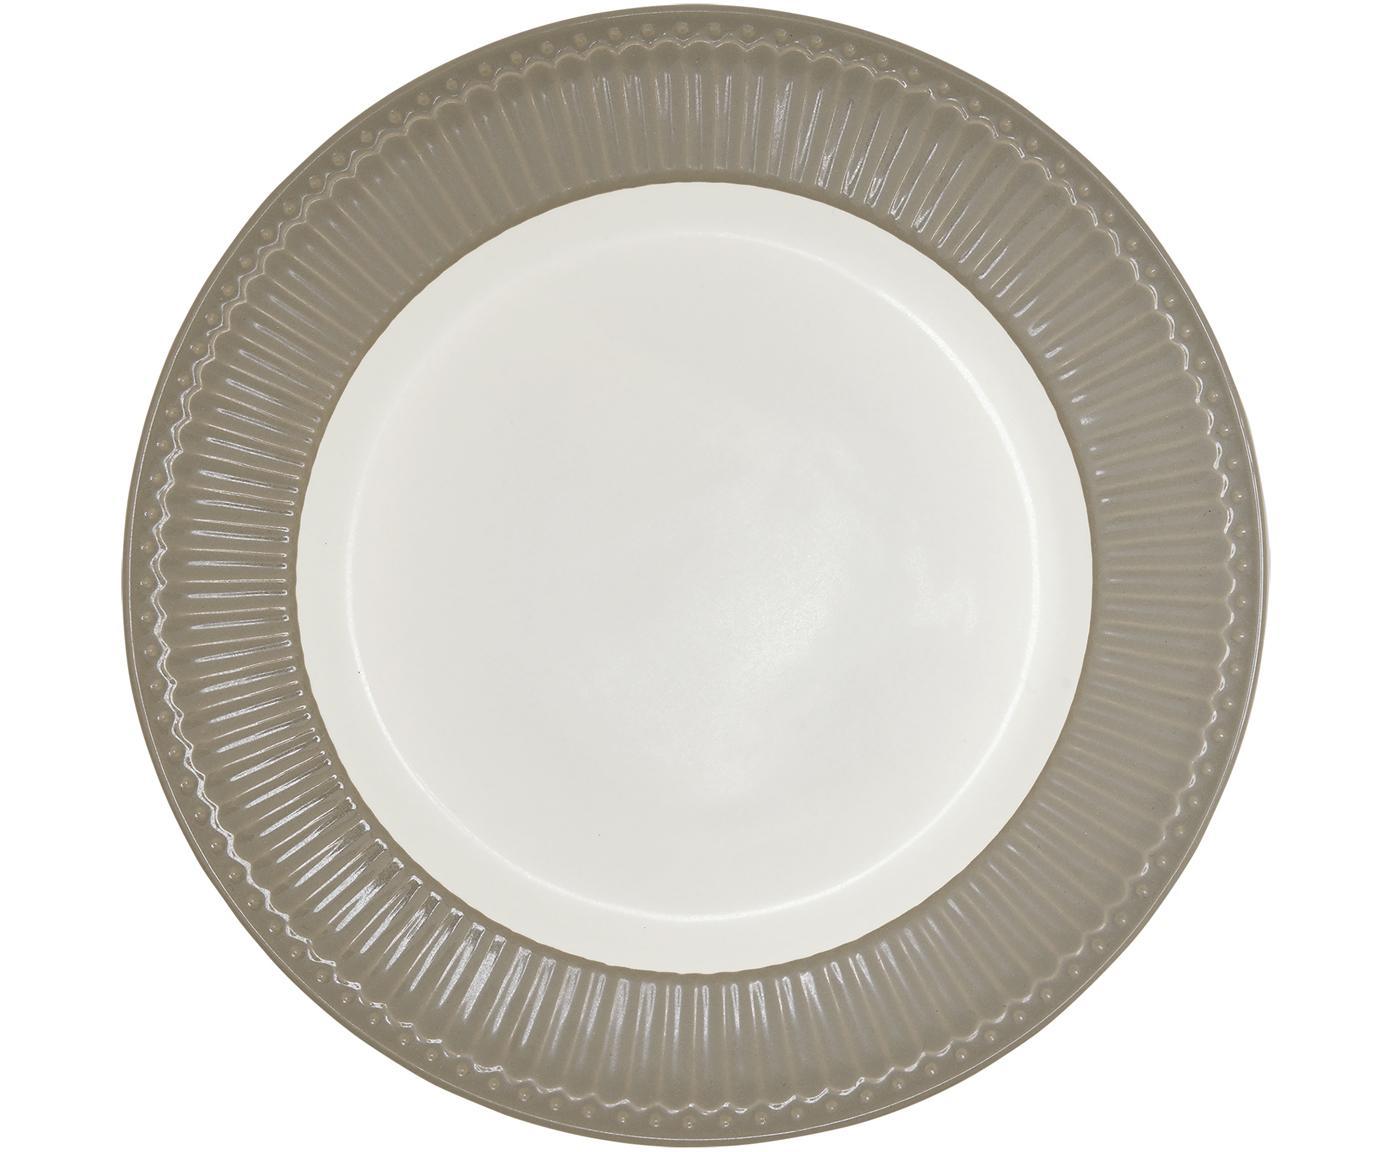 Speiseteller Alice in Grau mit Reliefdesign, 2 Stück, Porzellan, Grau, Weiß, Ø 27 cm